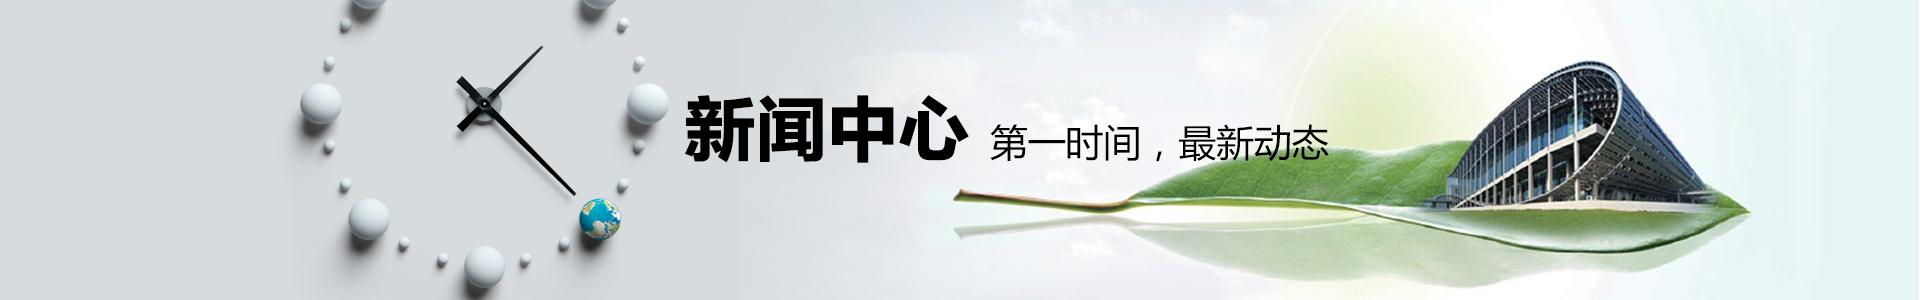 广州宣传片拍摄